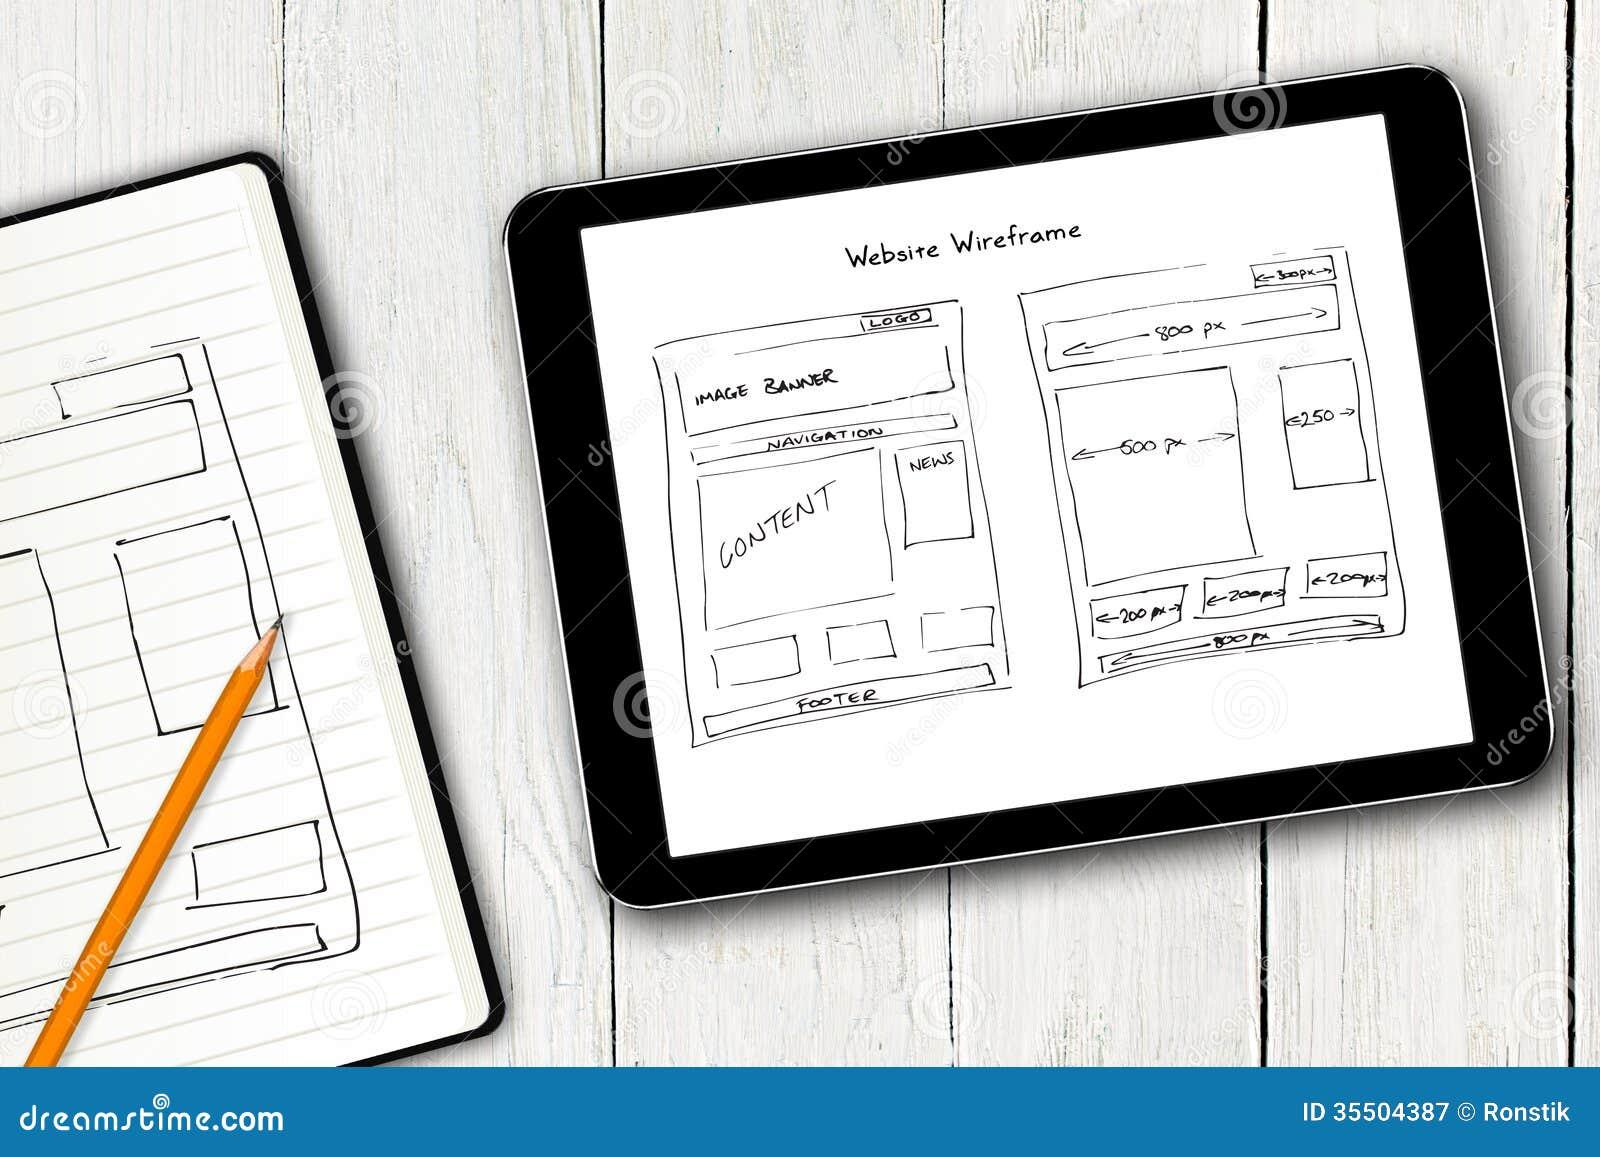 Website wireframe schets op het digitale tabletscherm